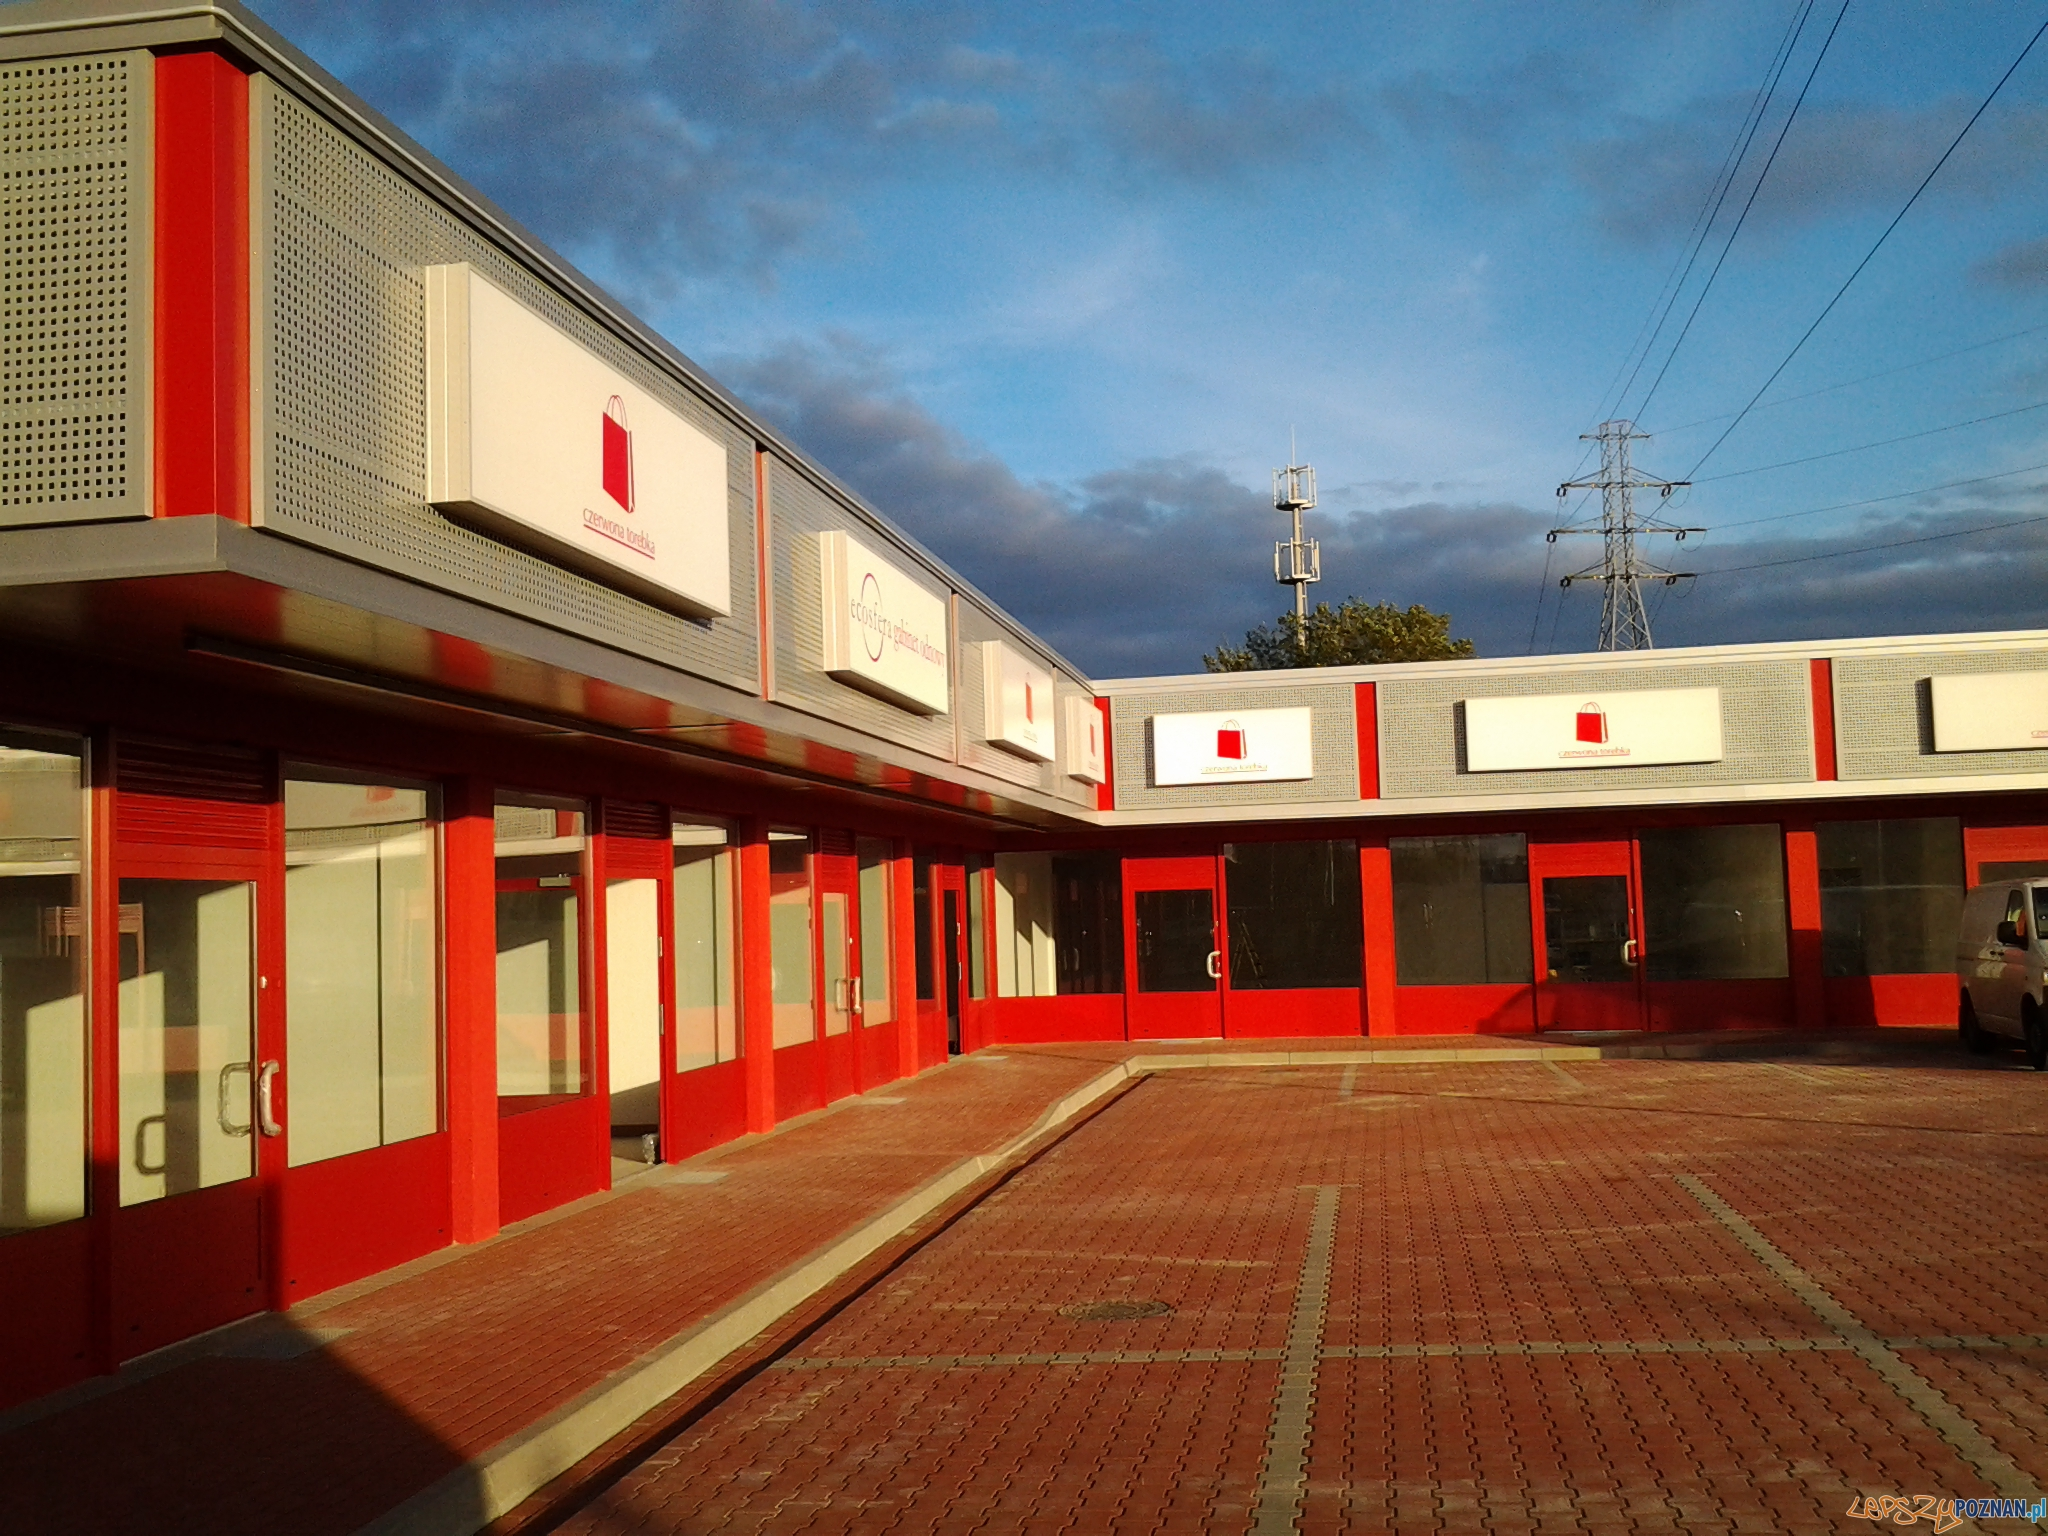 Czerwona Torebka w Poznaniu  Foto: lepszyPOZNAN.pl / tab